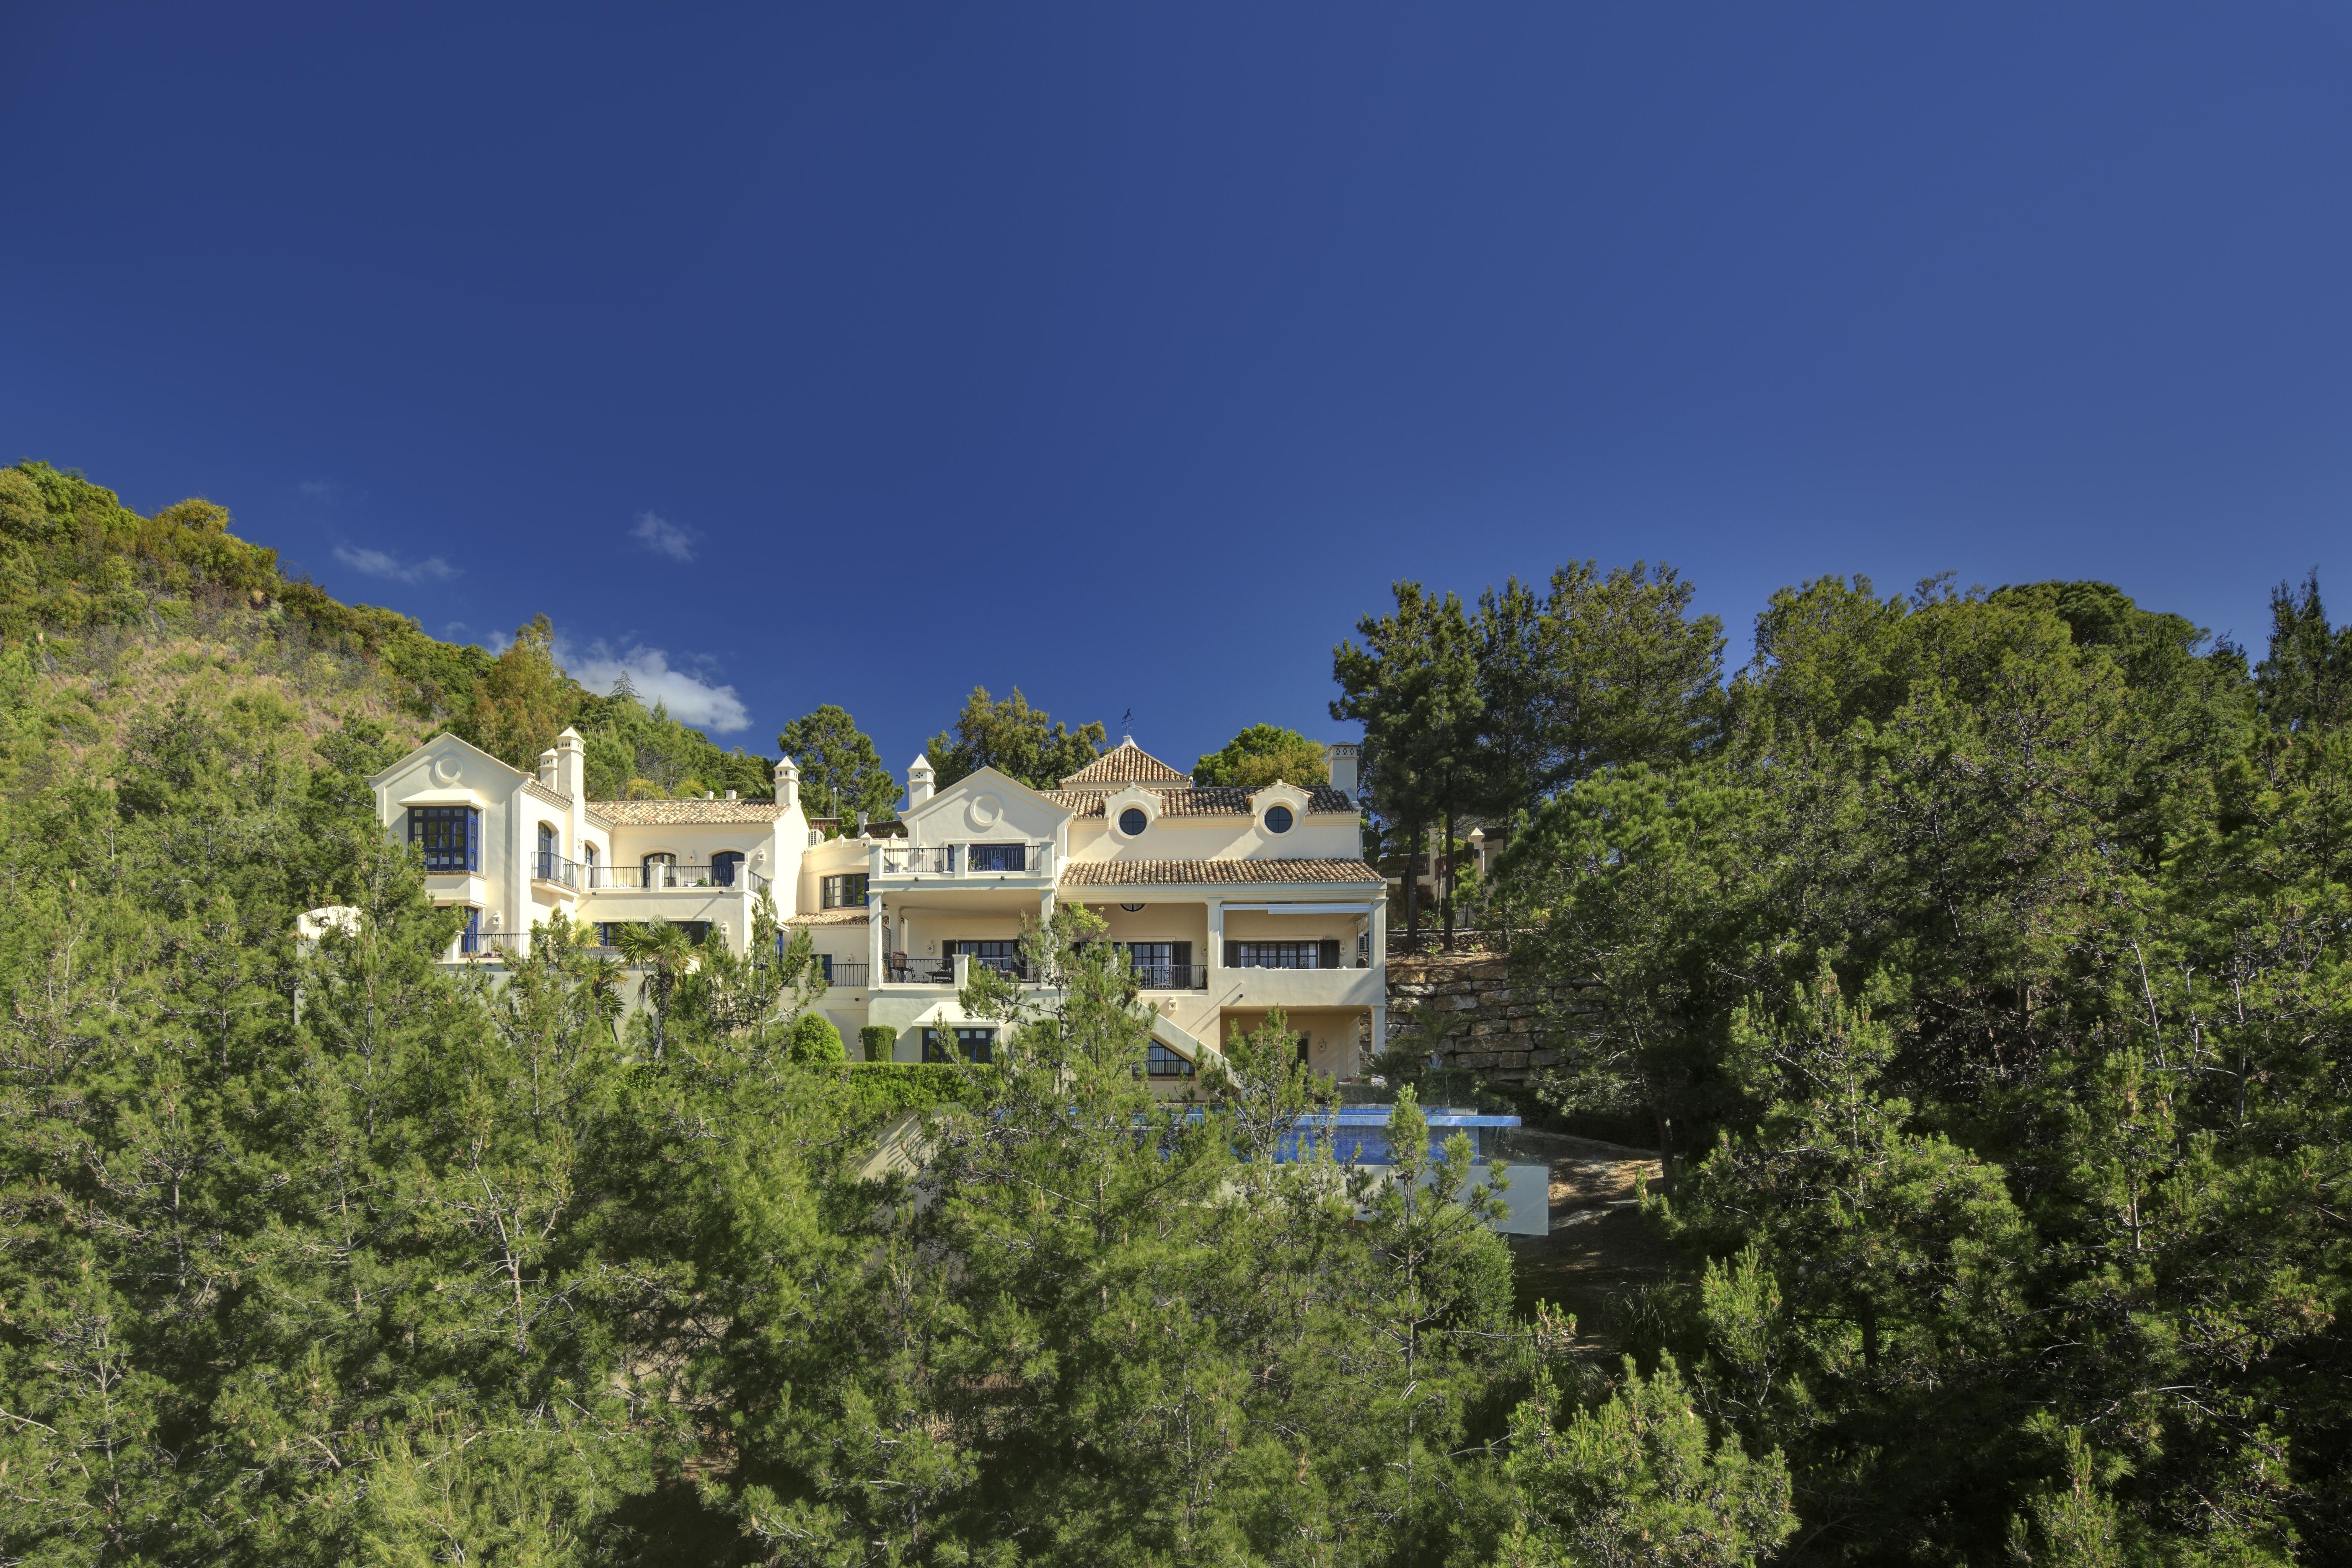 Ref:359-00067P Villa For Sale in Benahavis